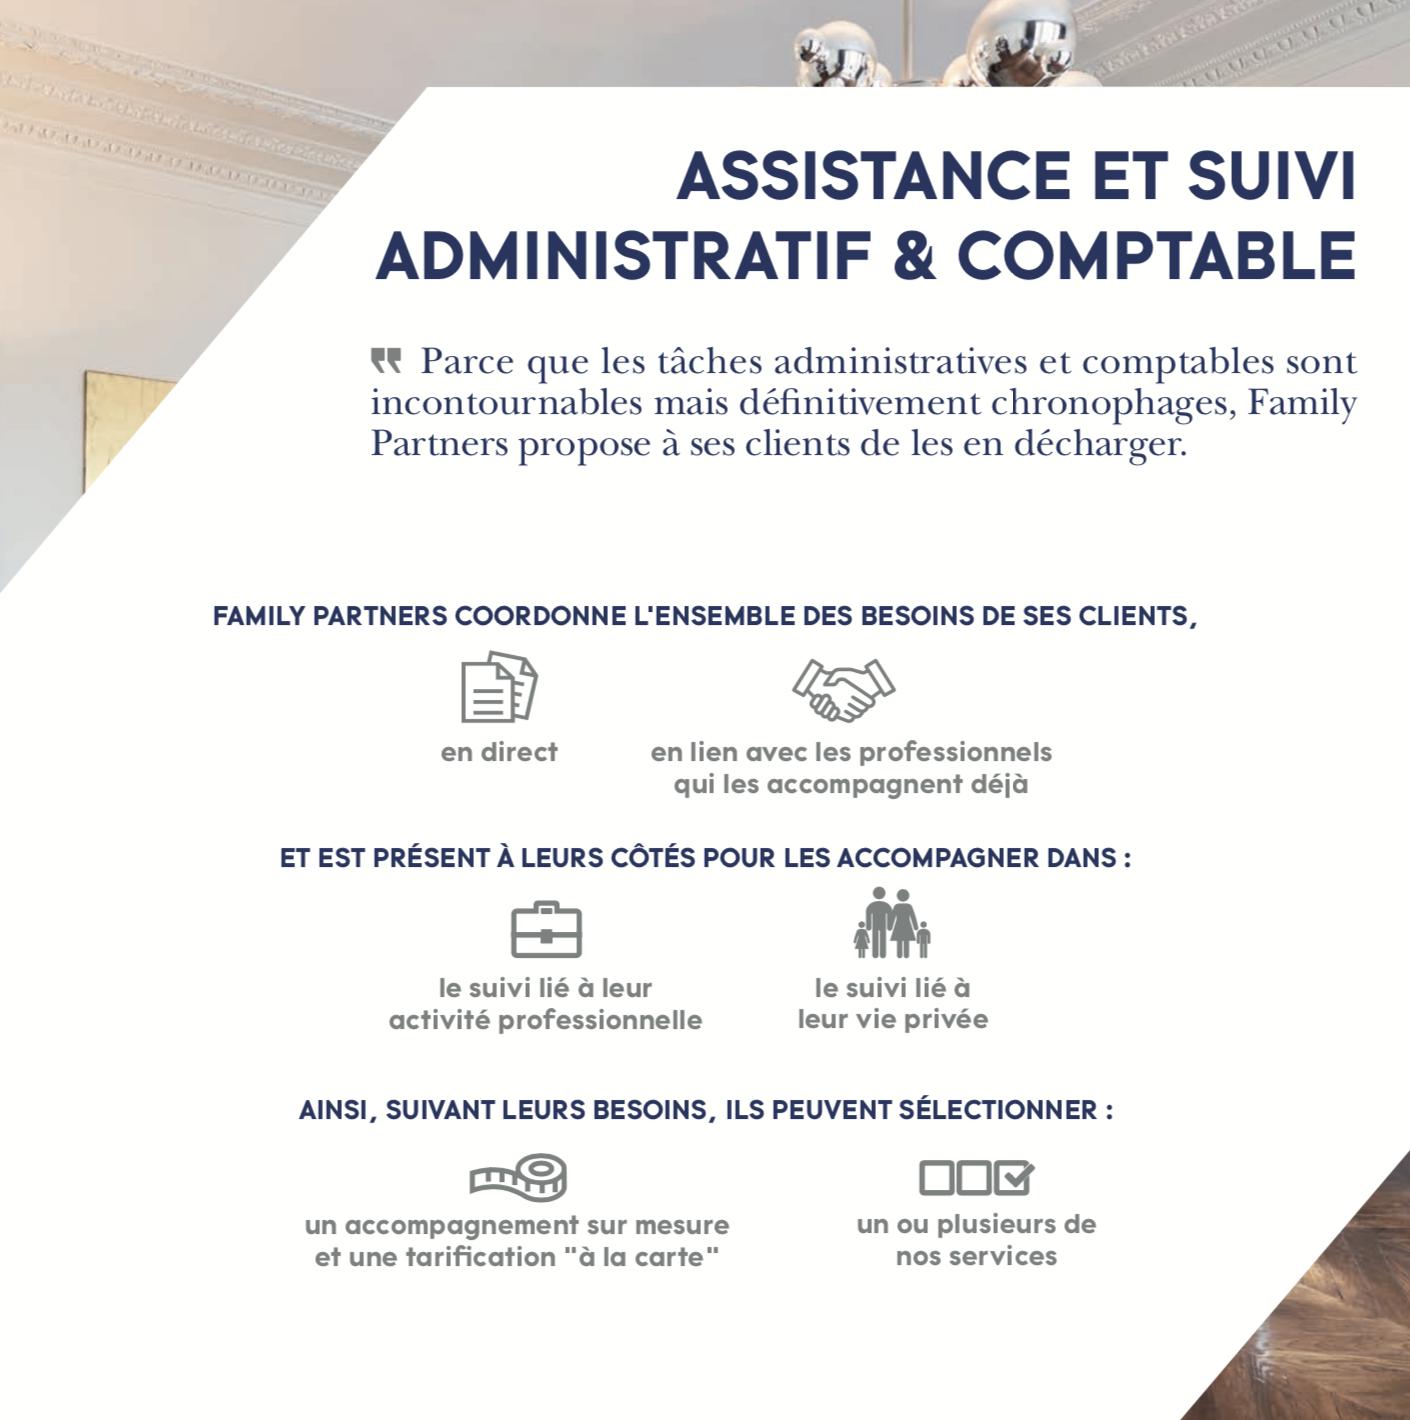 Assistance et suivi administratif et comptable